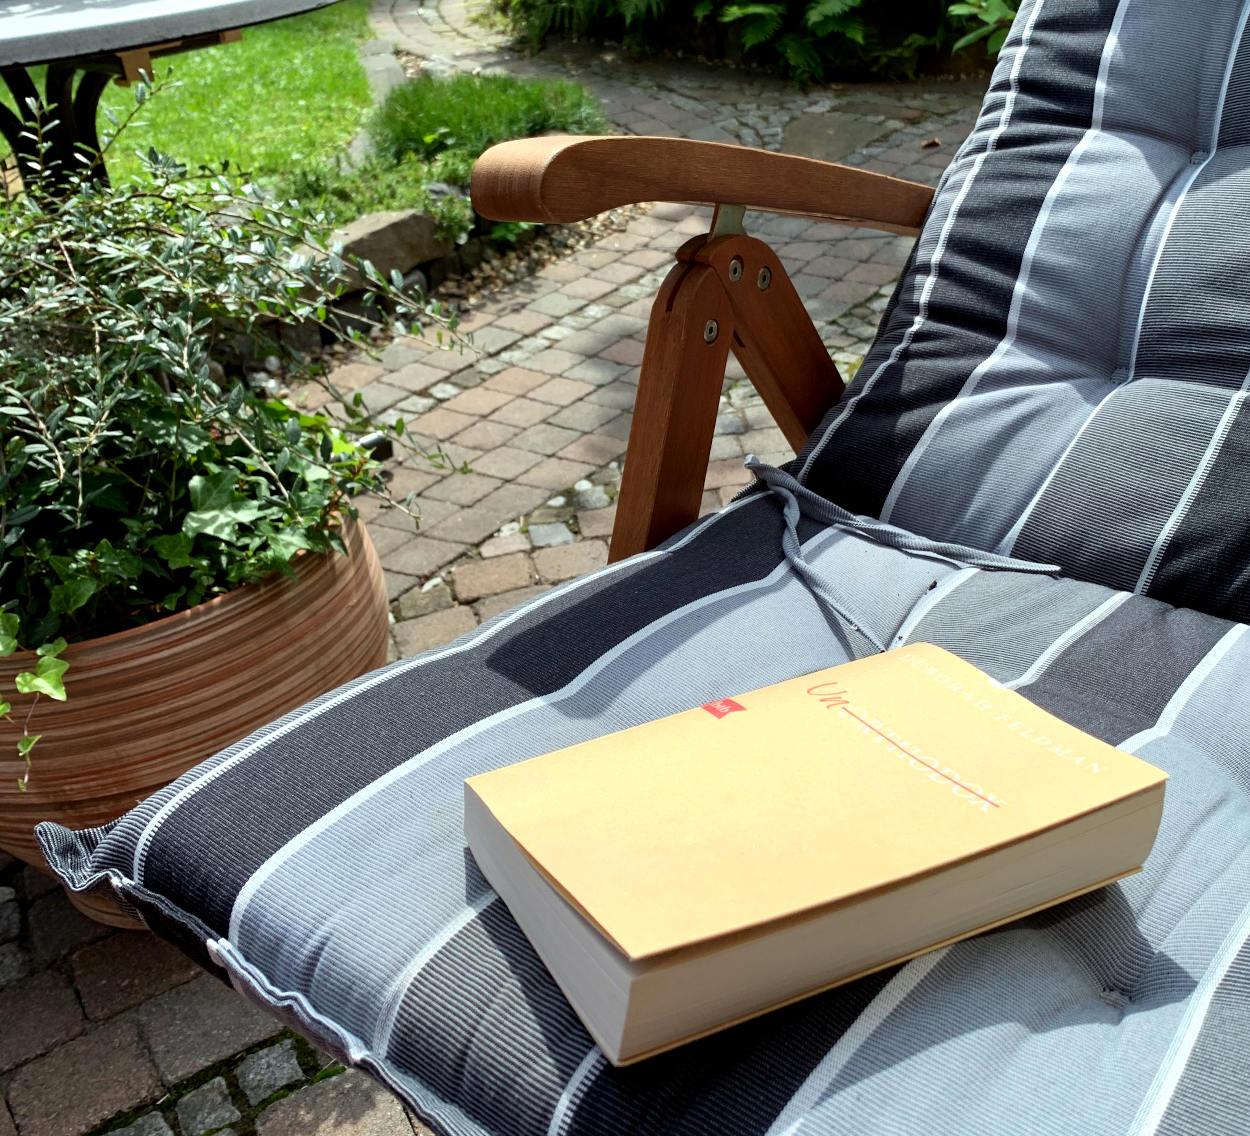 """Buch """"Unorthodox"""" auf Gartenstuhl"""